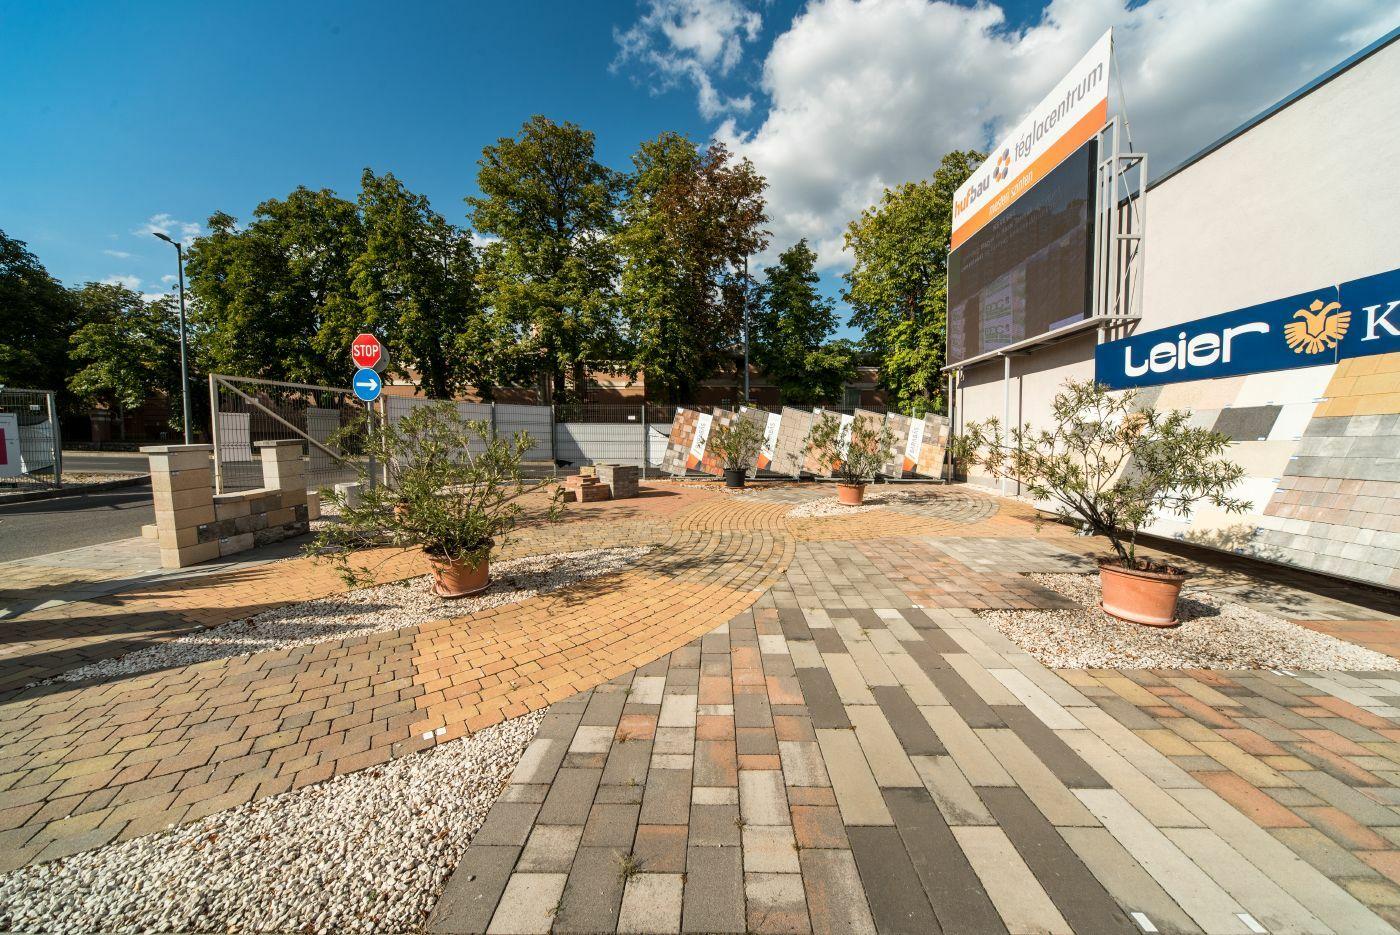 Mérnök szaktanácsadás - építőanyag - Pécs - Építgkezés, anyagszükséglet